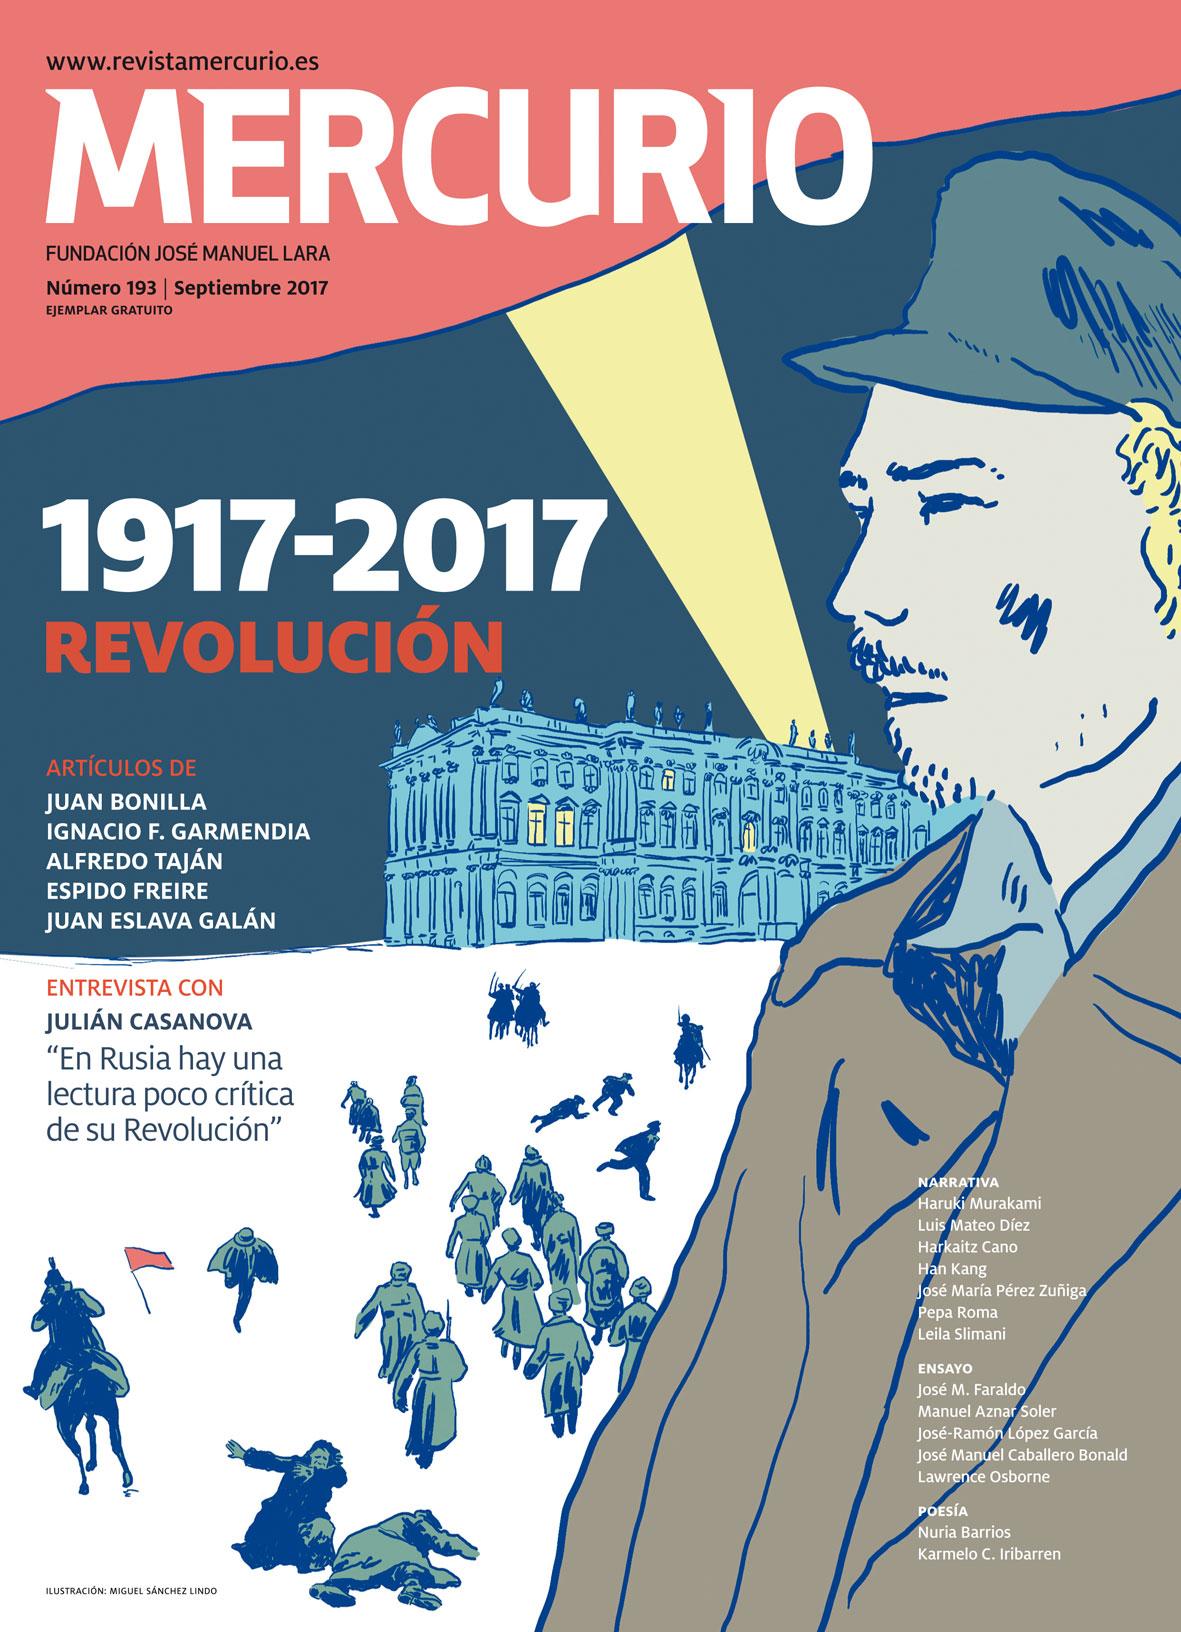 Mercurio 193. Septiembre 2017. Ilustración: Miguel Sánchez Lindo